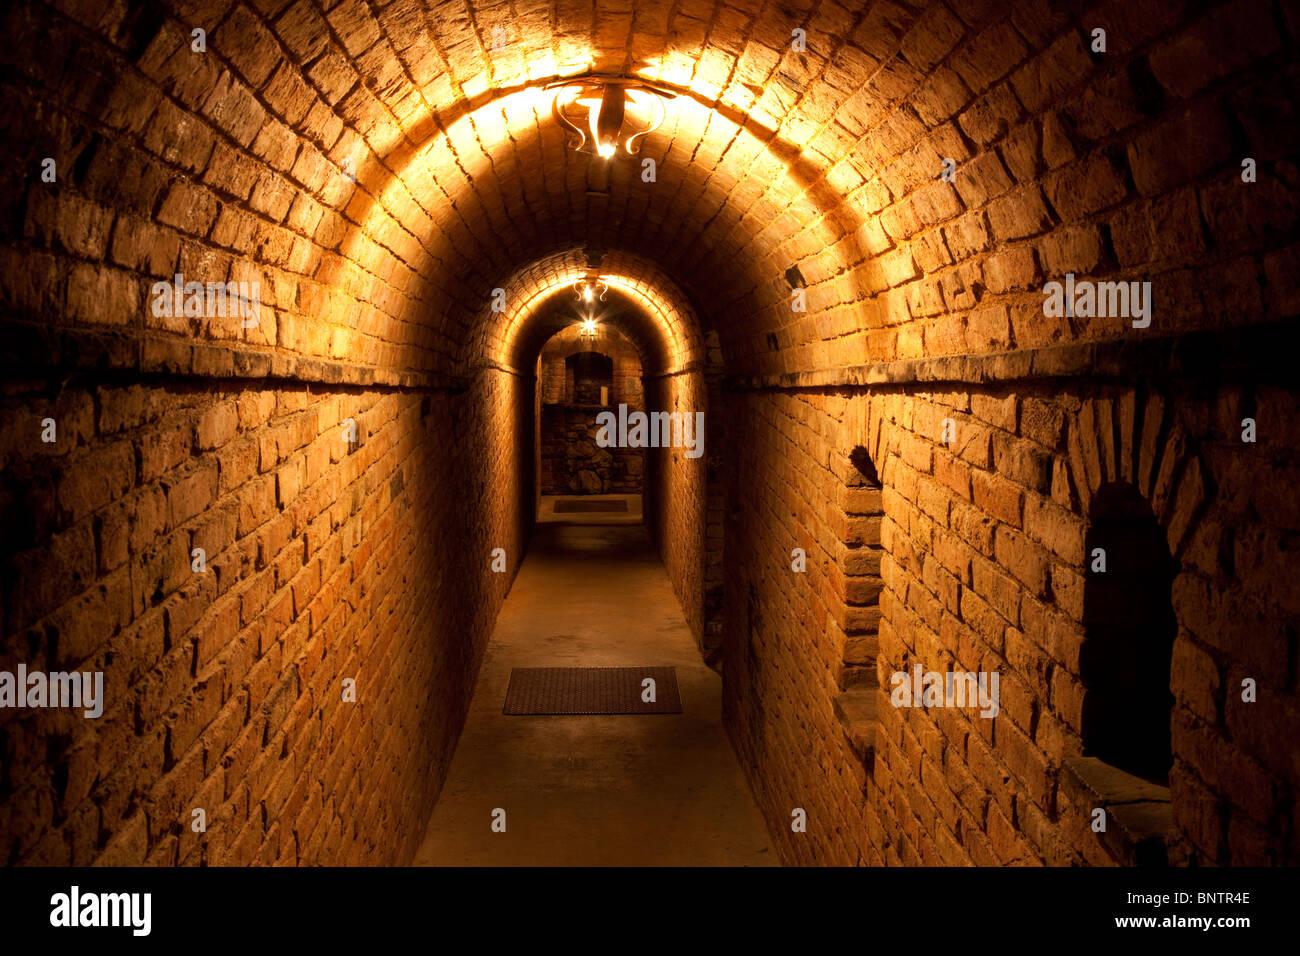 Corridoio buio al Castello di Amorosa. Napa Valley, California. Proprietà rilasciato Immagini Stock